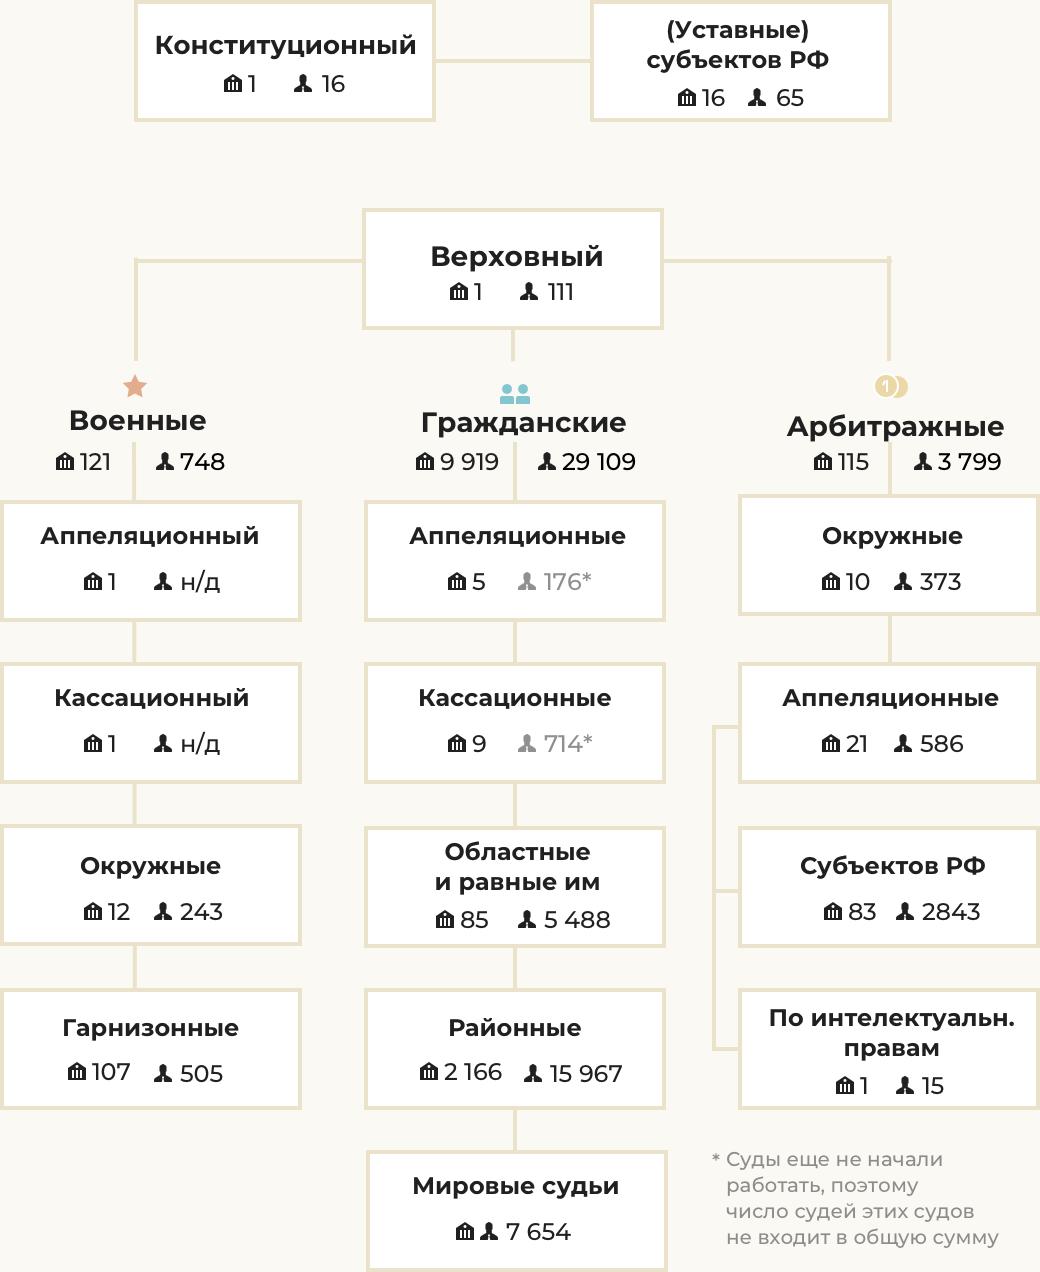 Как выстроена иерархия российских судов